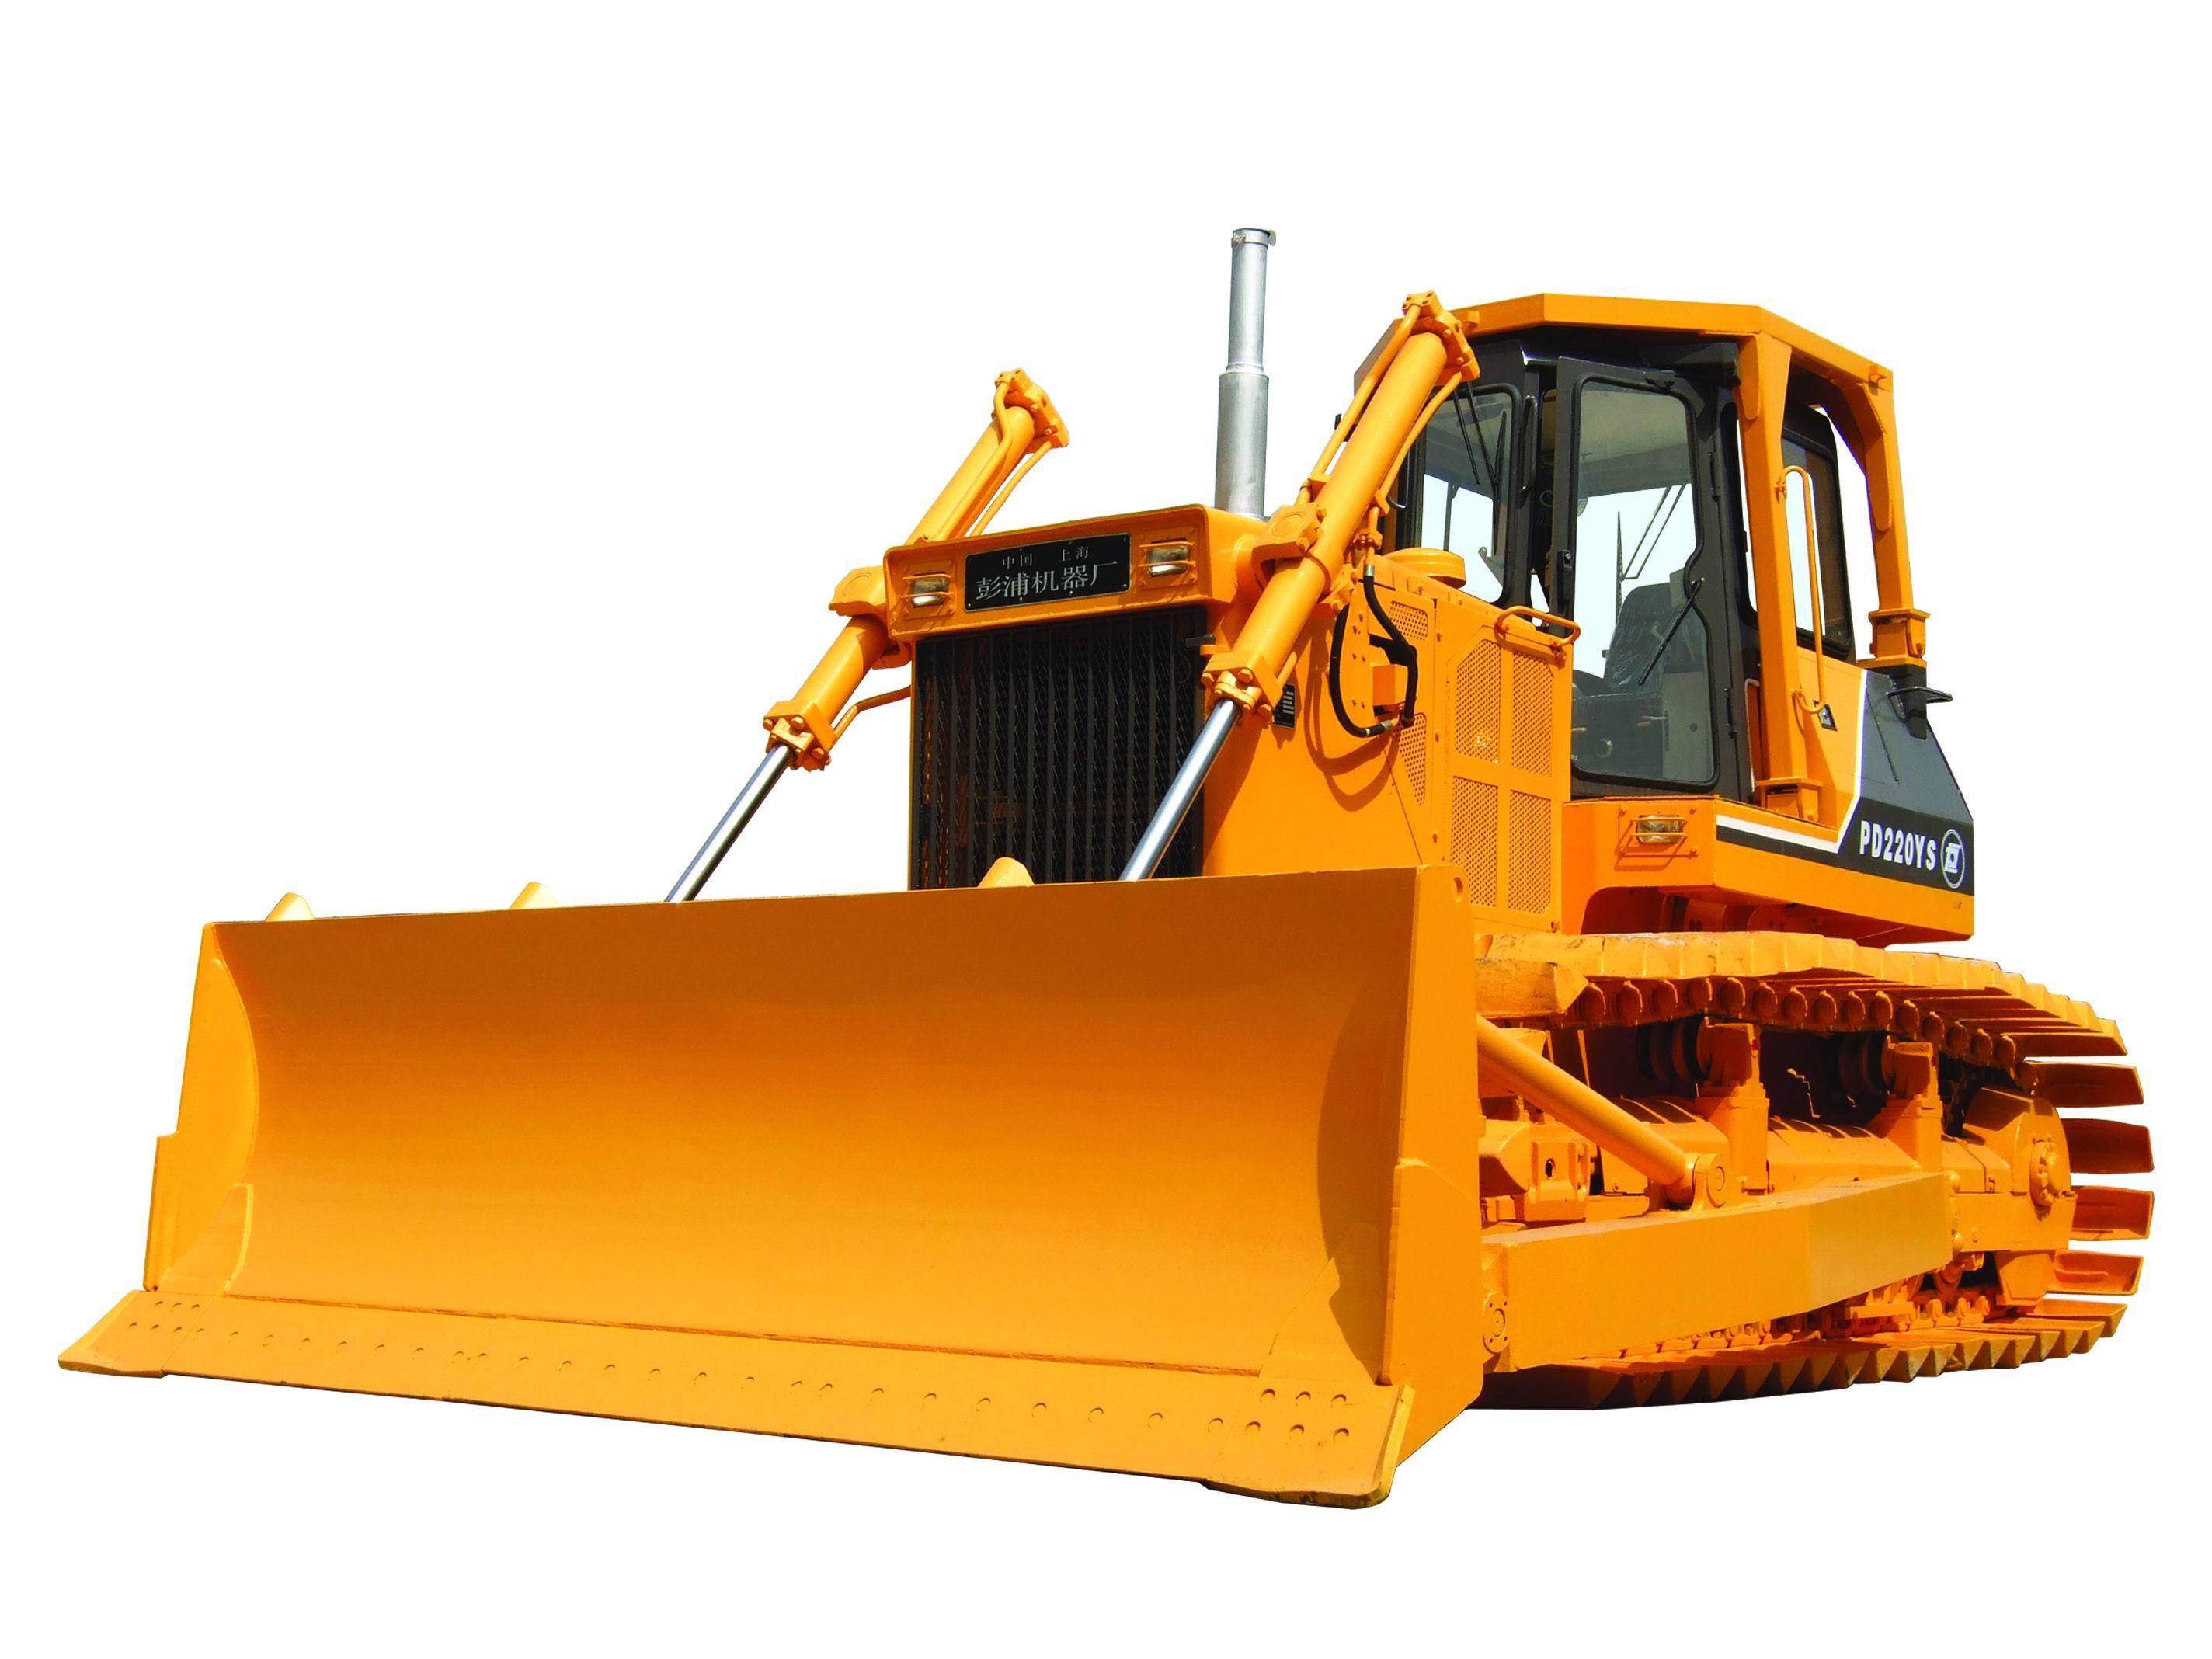 Bulldozer White Background Images AWB 2848x2136